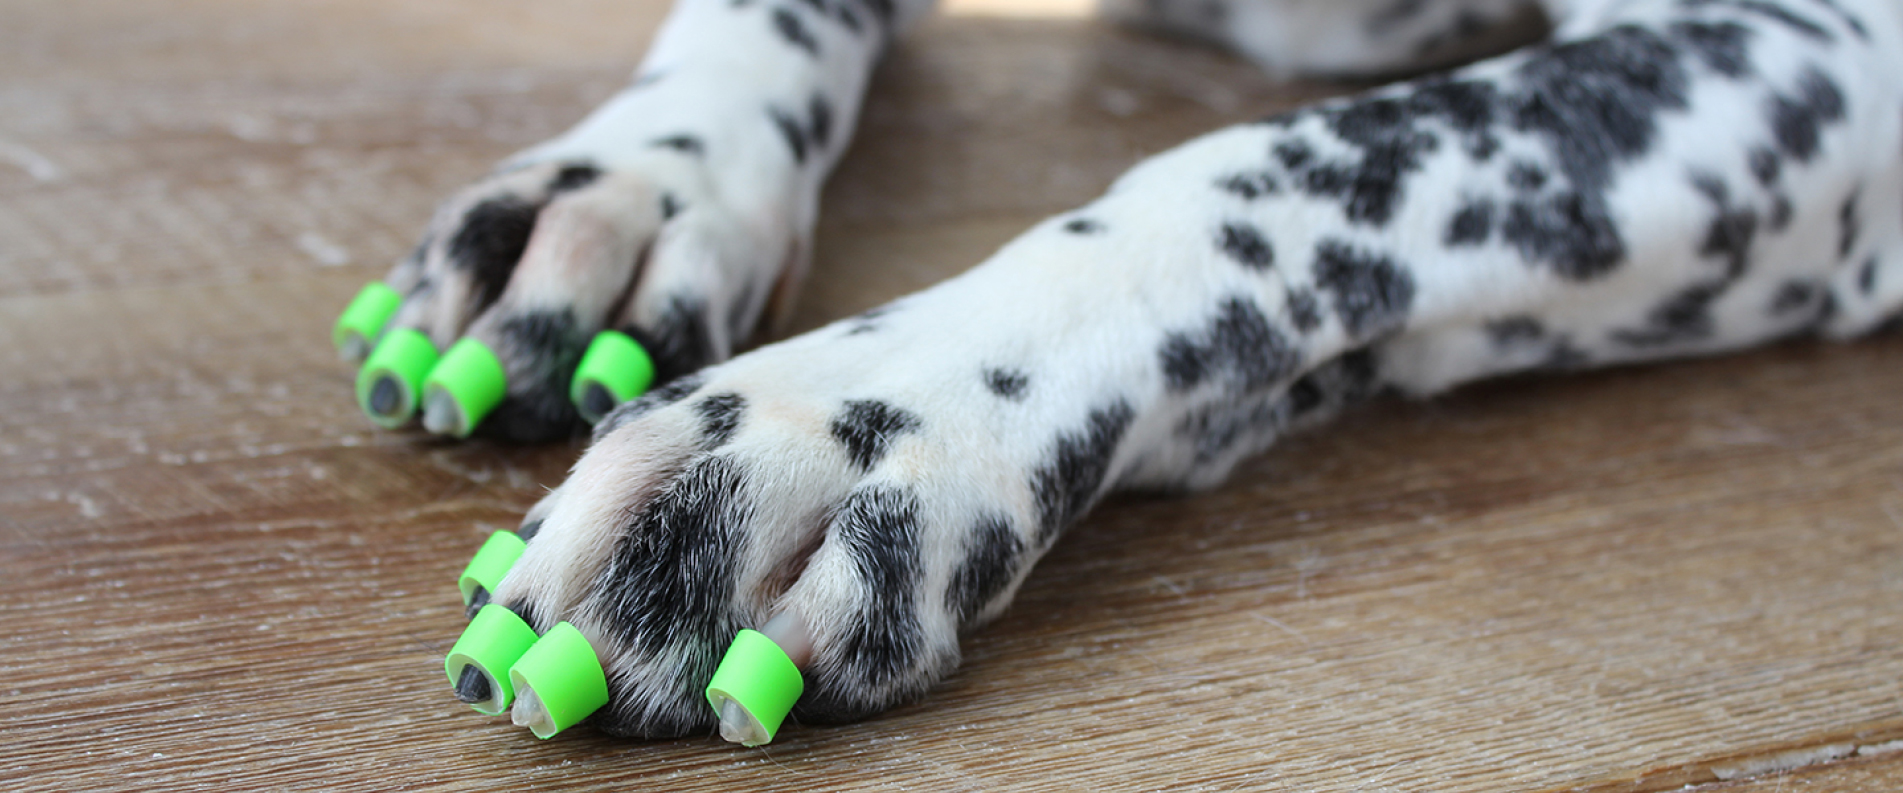 Dog Socks For Wood Floors Carpet Vidalondon